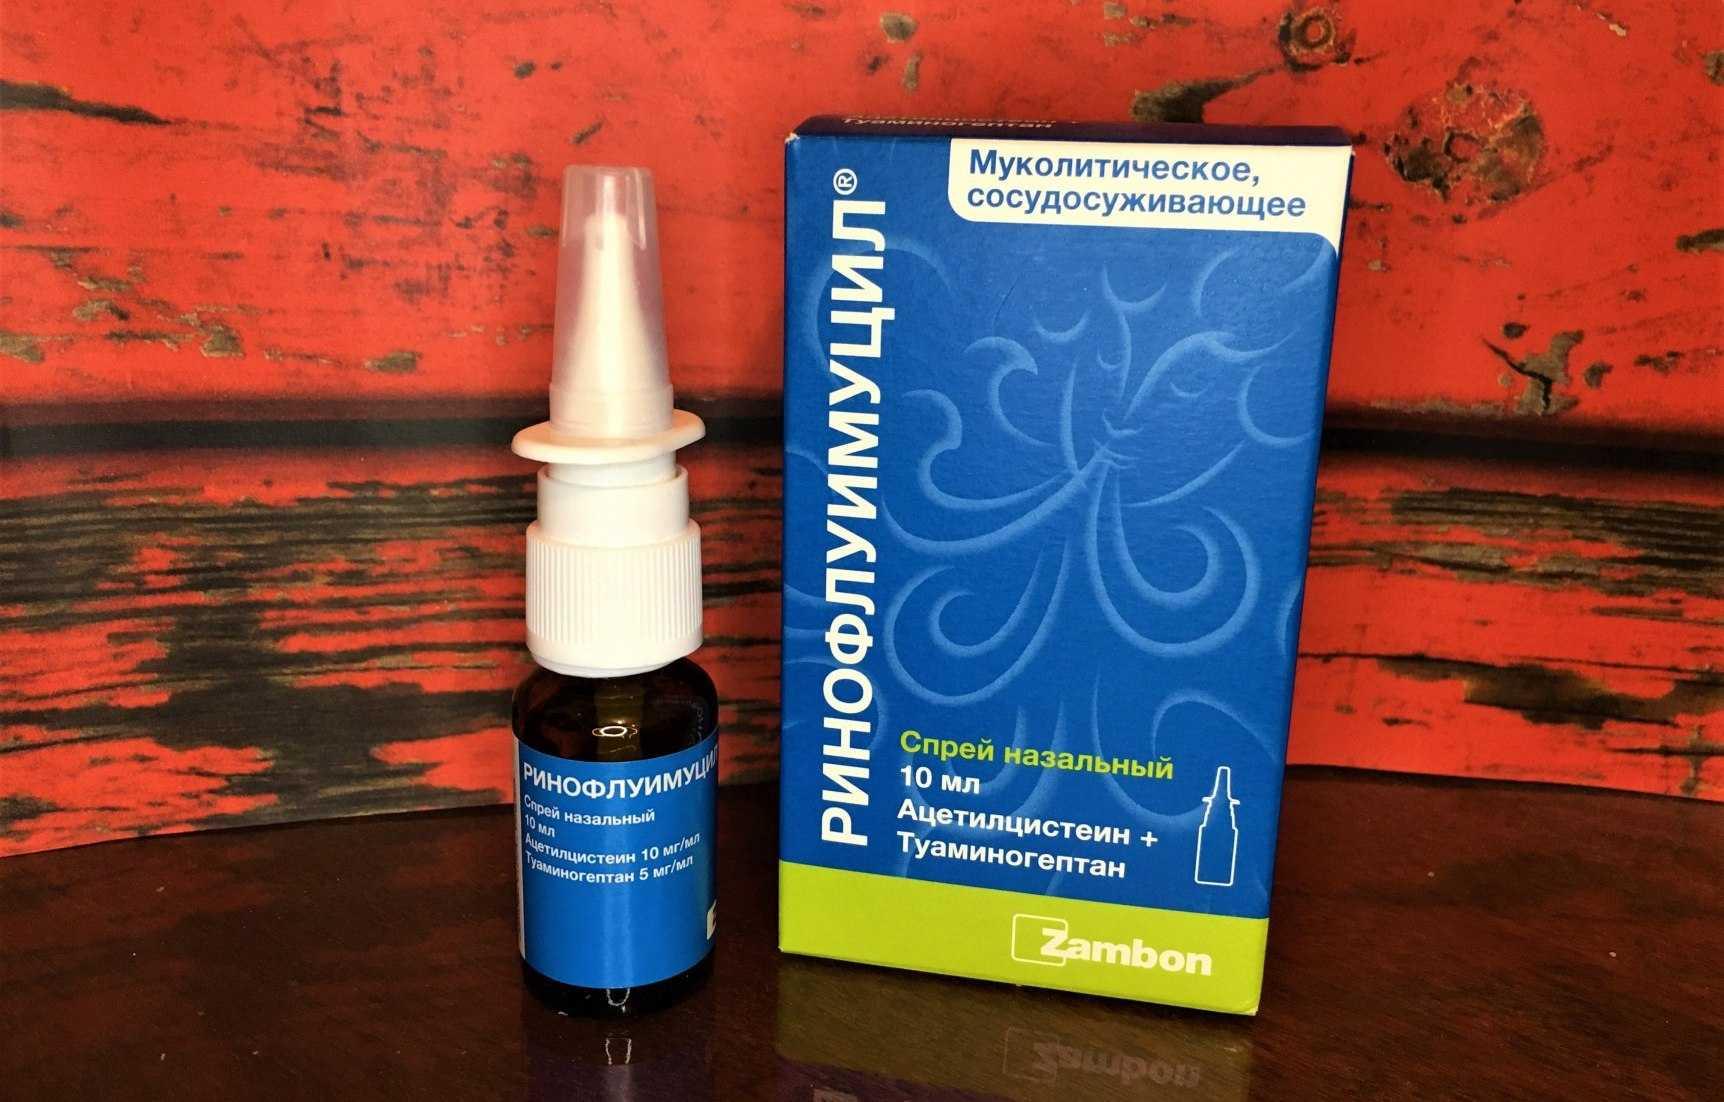 Фарингосепт при беременности в 1, 2, 3 триместре — инструкция, применение и отзывы